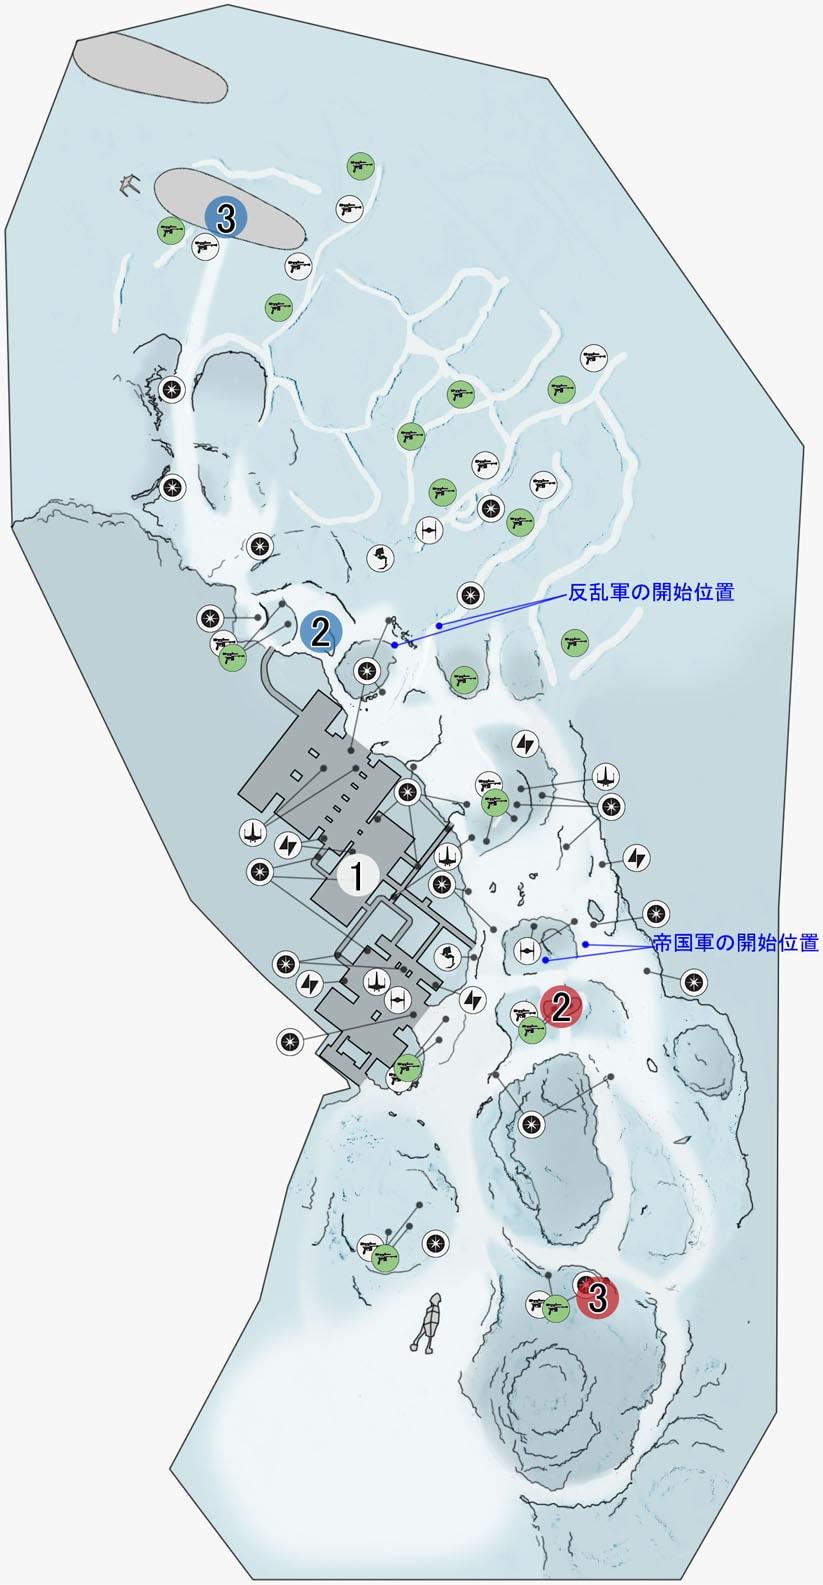 スプレマシーの前哨基地ベータのマップ